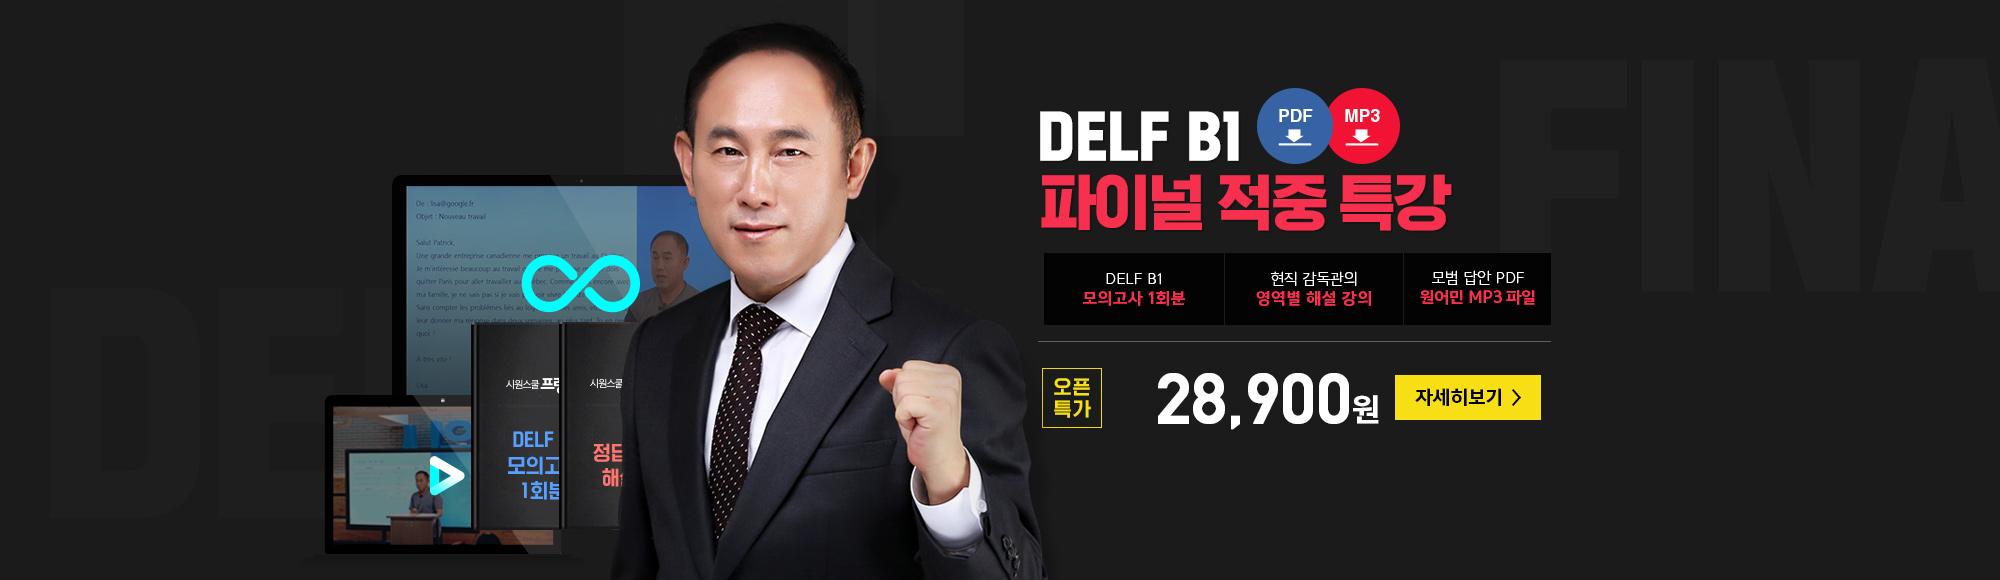 [모의고사] DELF B1 특강